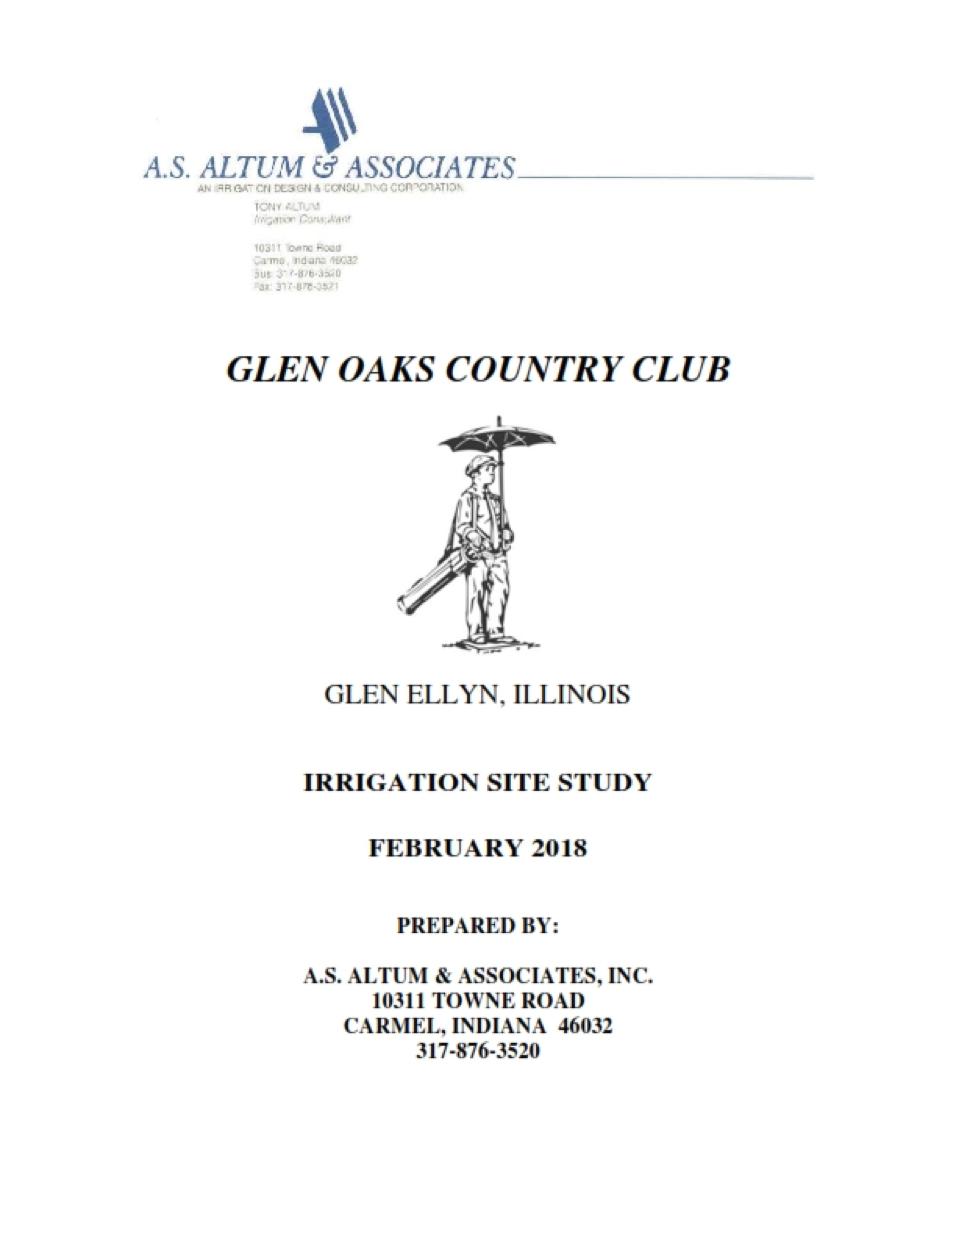 R Glen Oaks.png